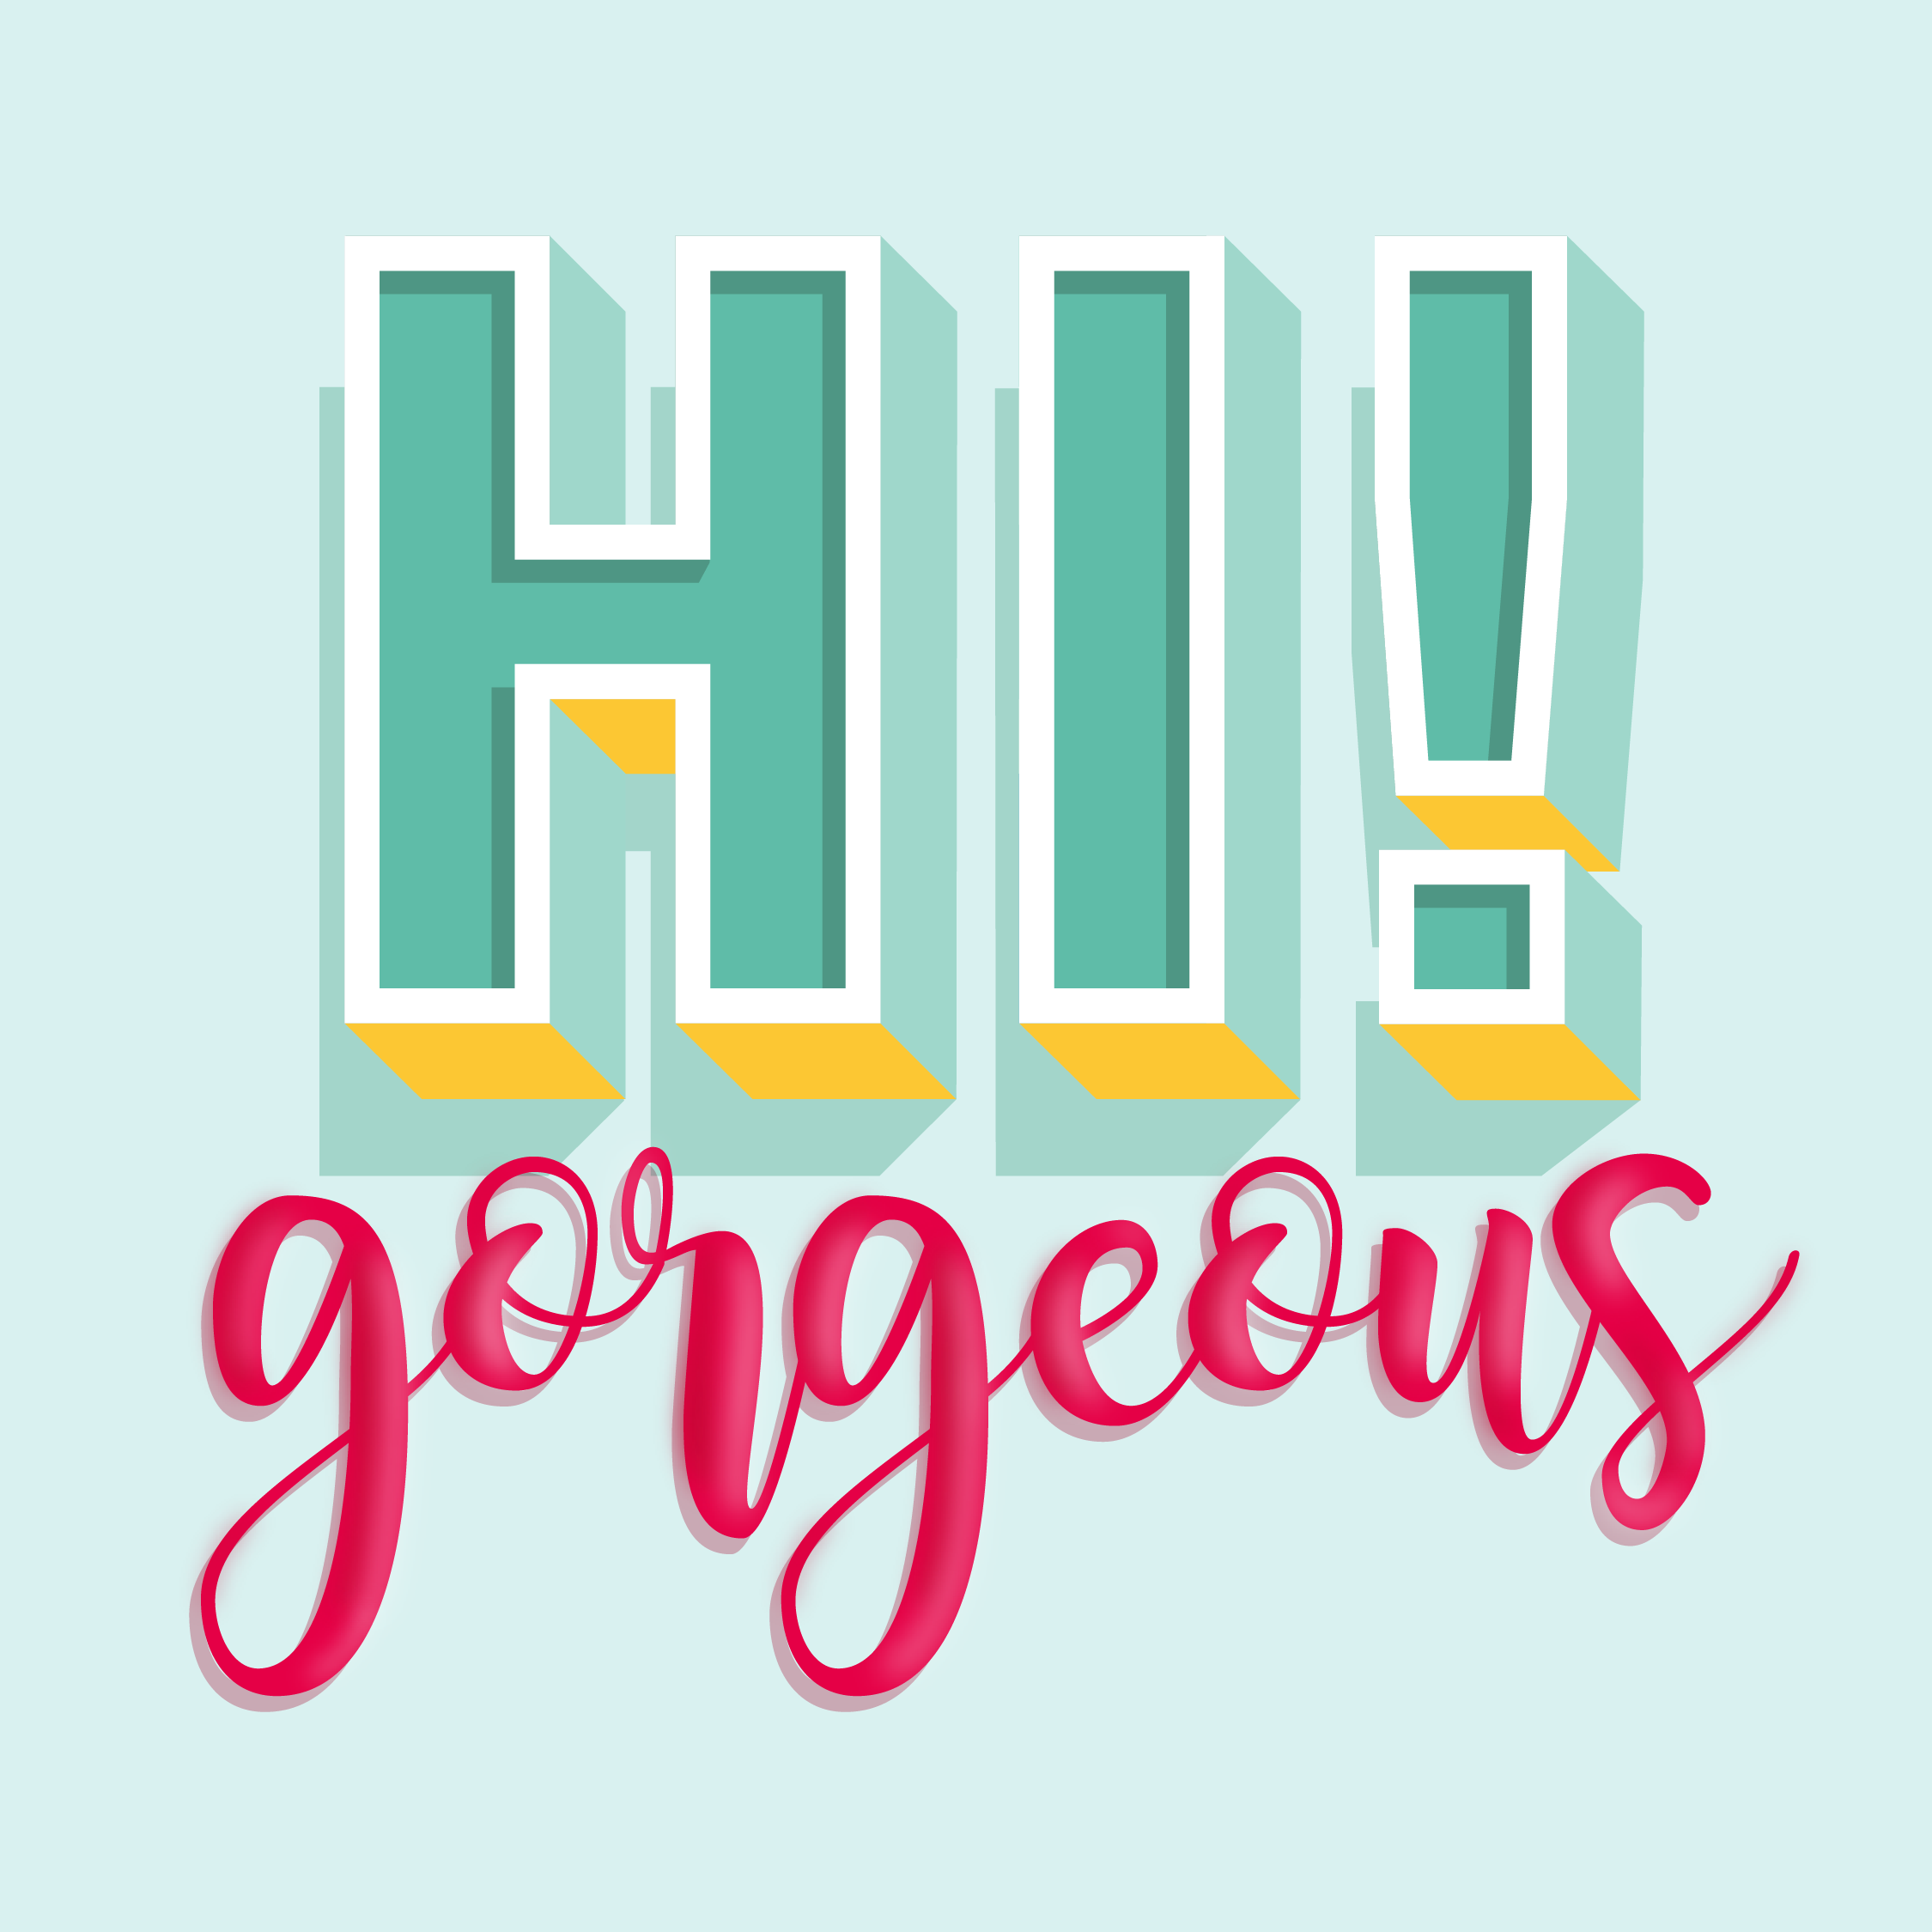 Typografische Key Visual Gestaltung Hi gorgeous mit Handletterin